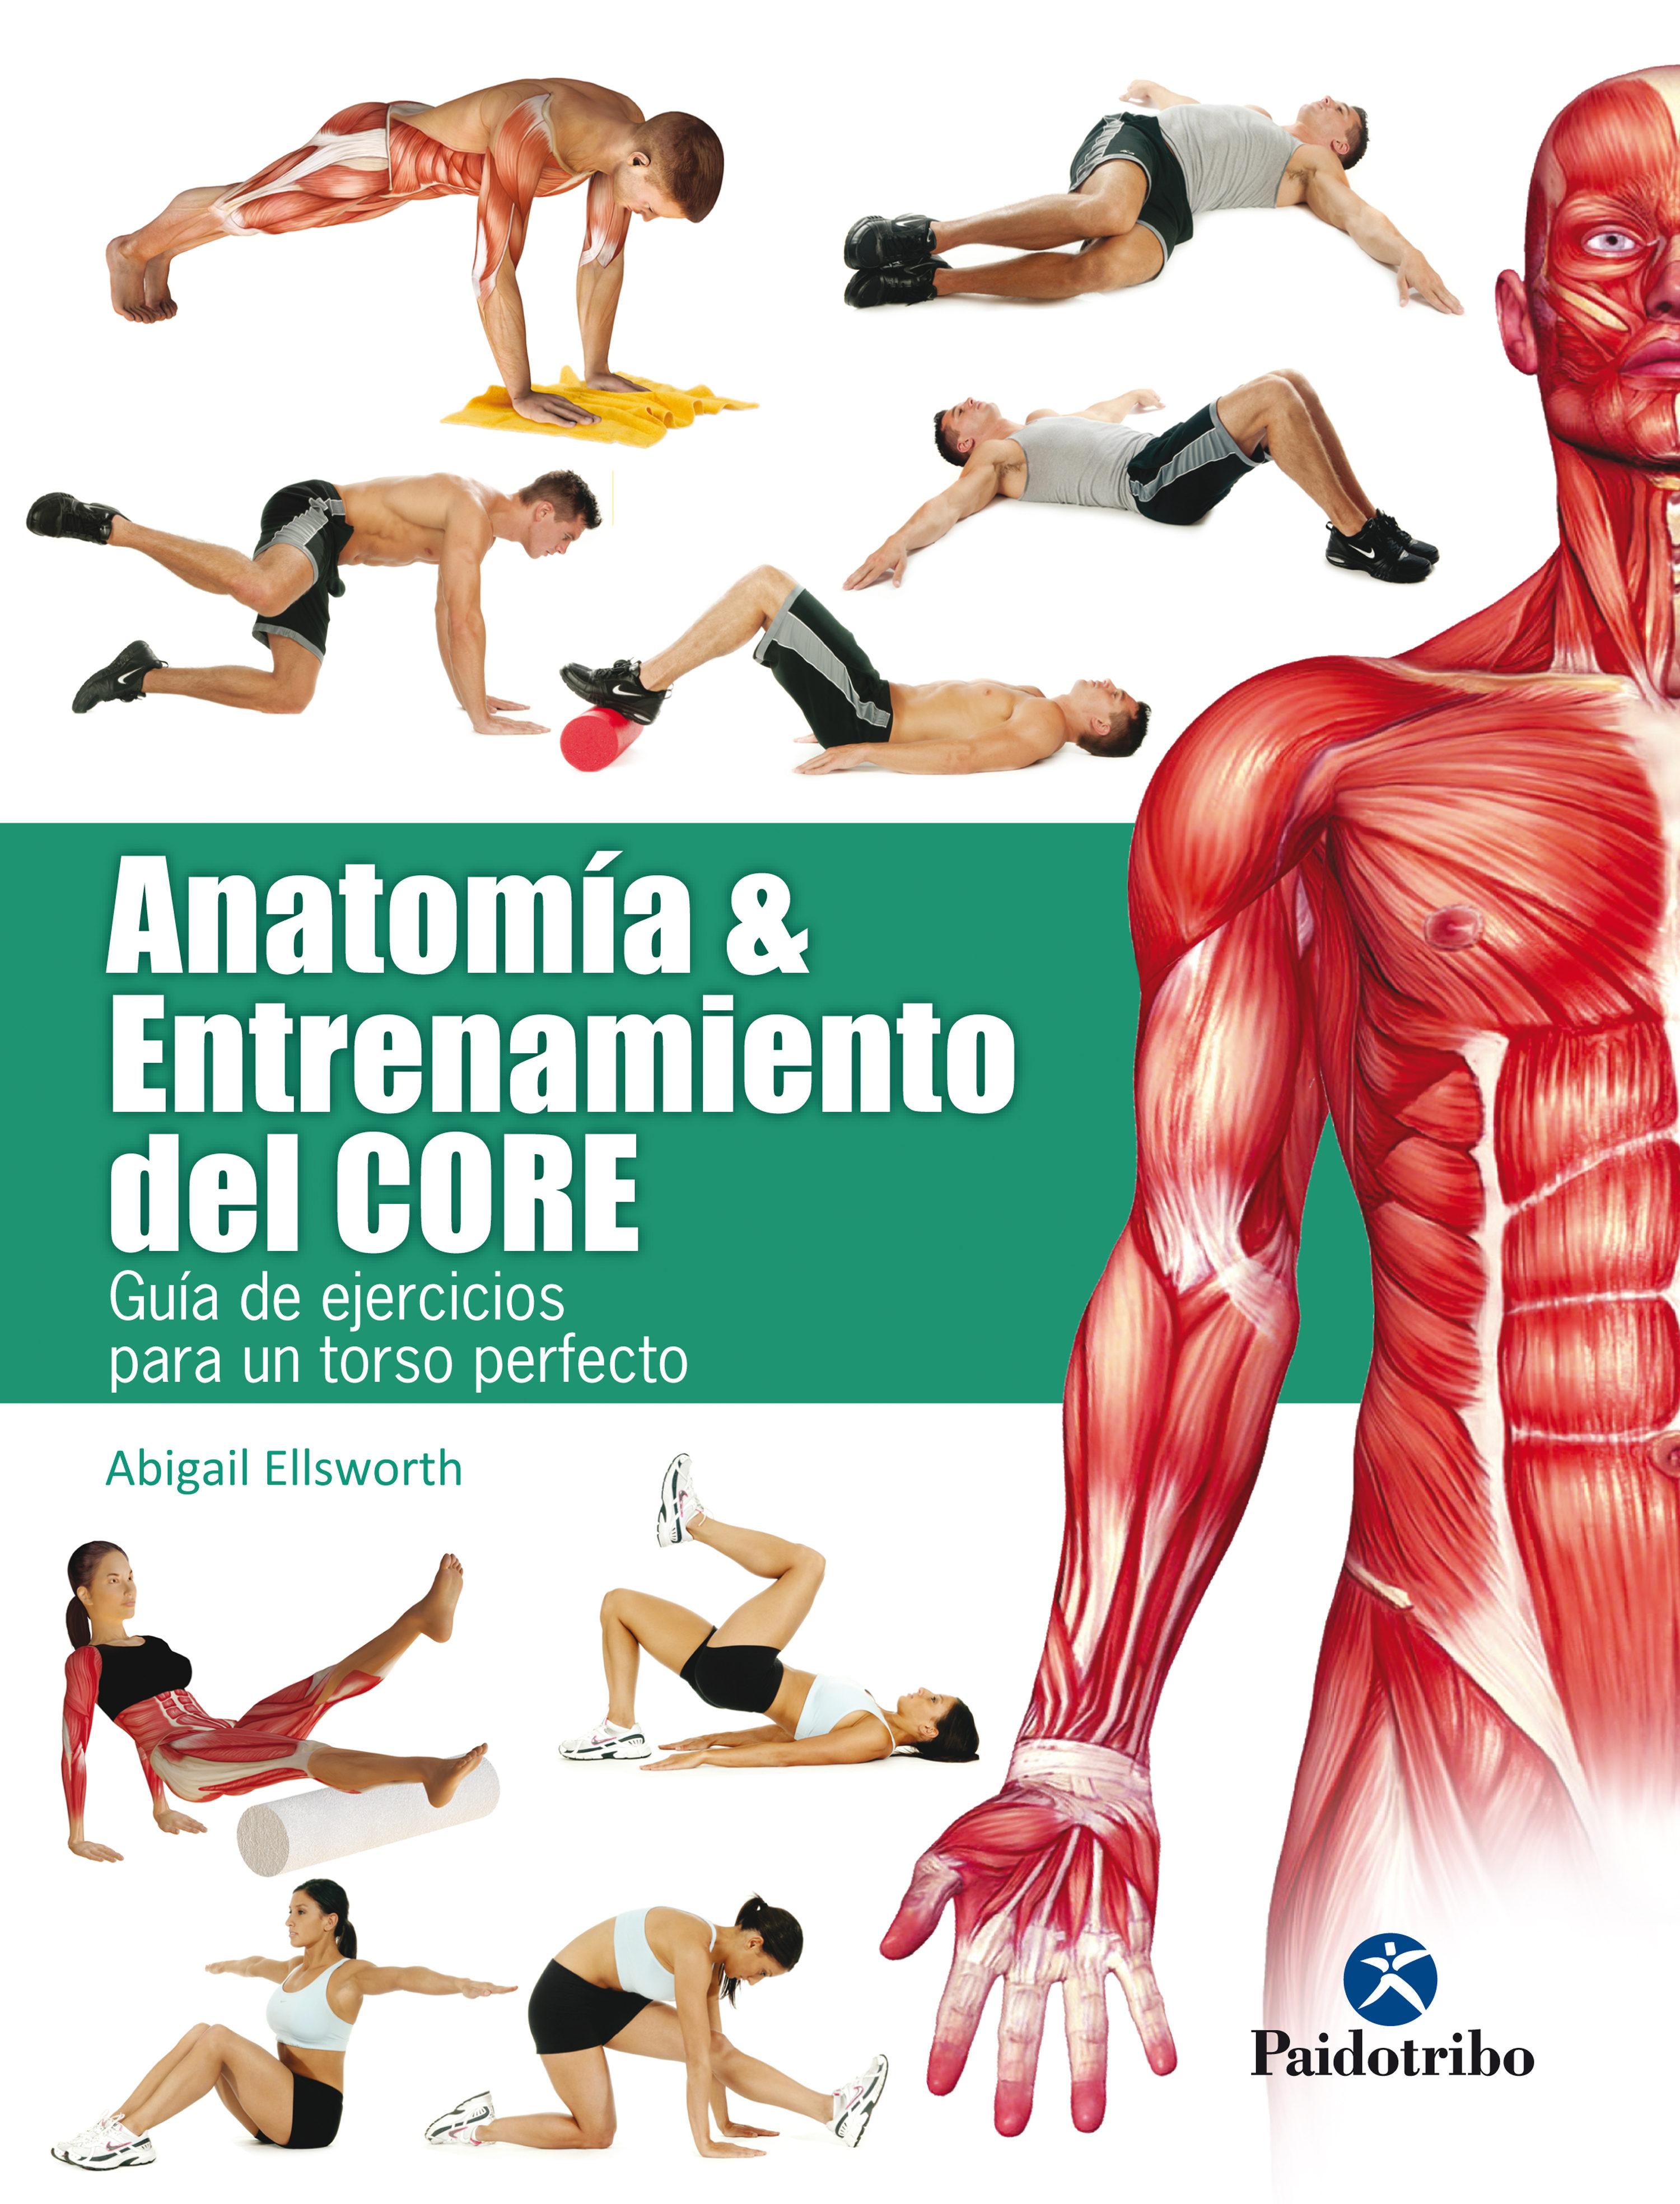 ANATOMÍA Y ENTRENAMIENTO DEL CORE. EBOOK | ABIGAIL ELLSWORTH ...